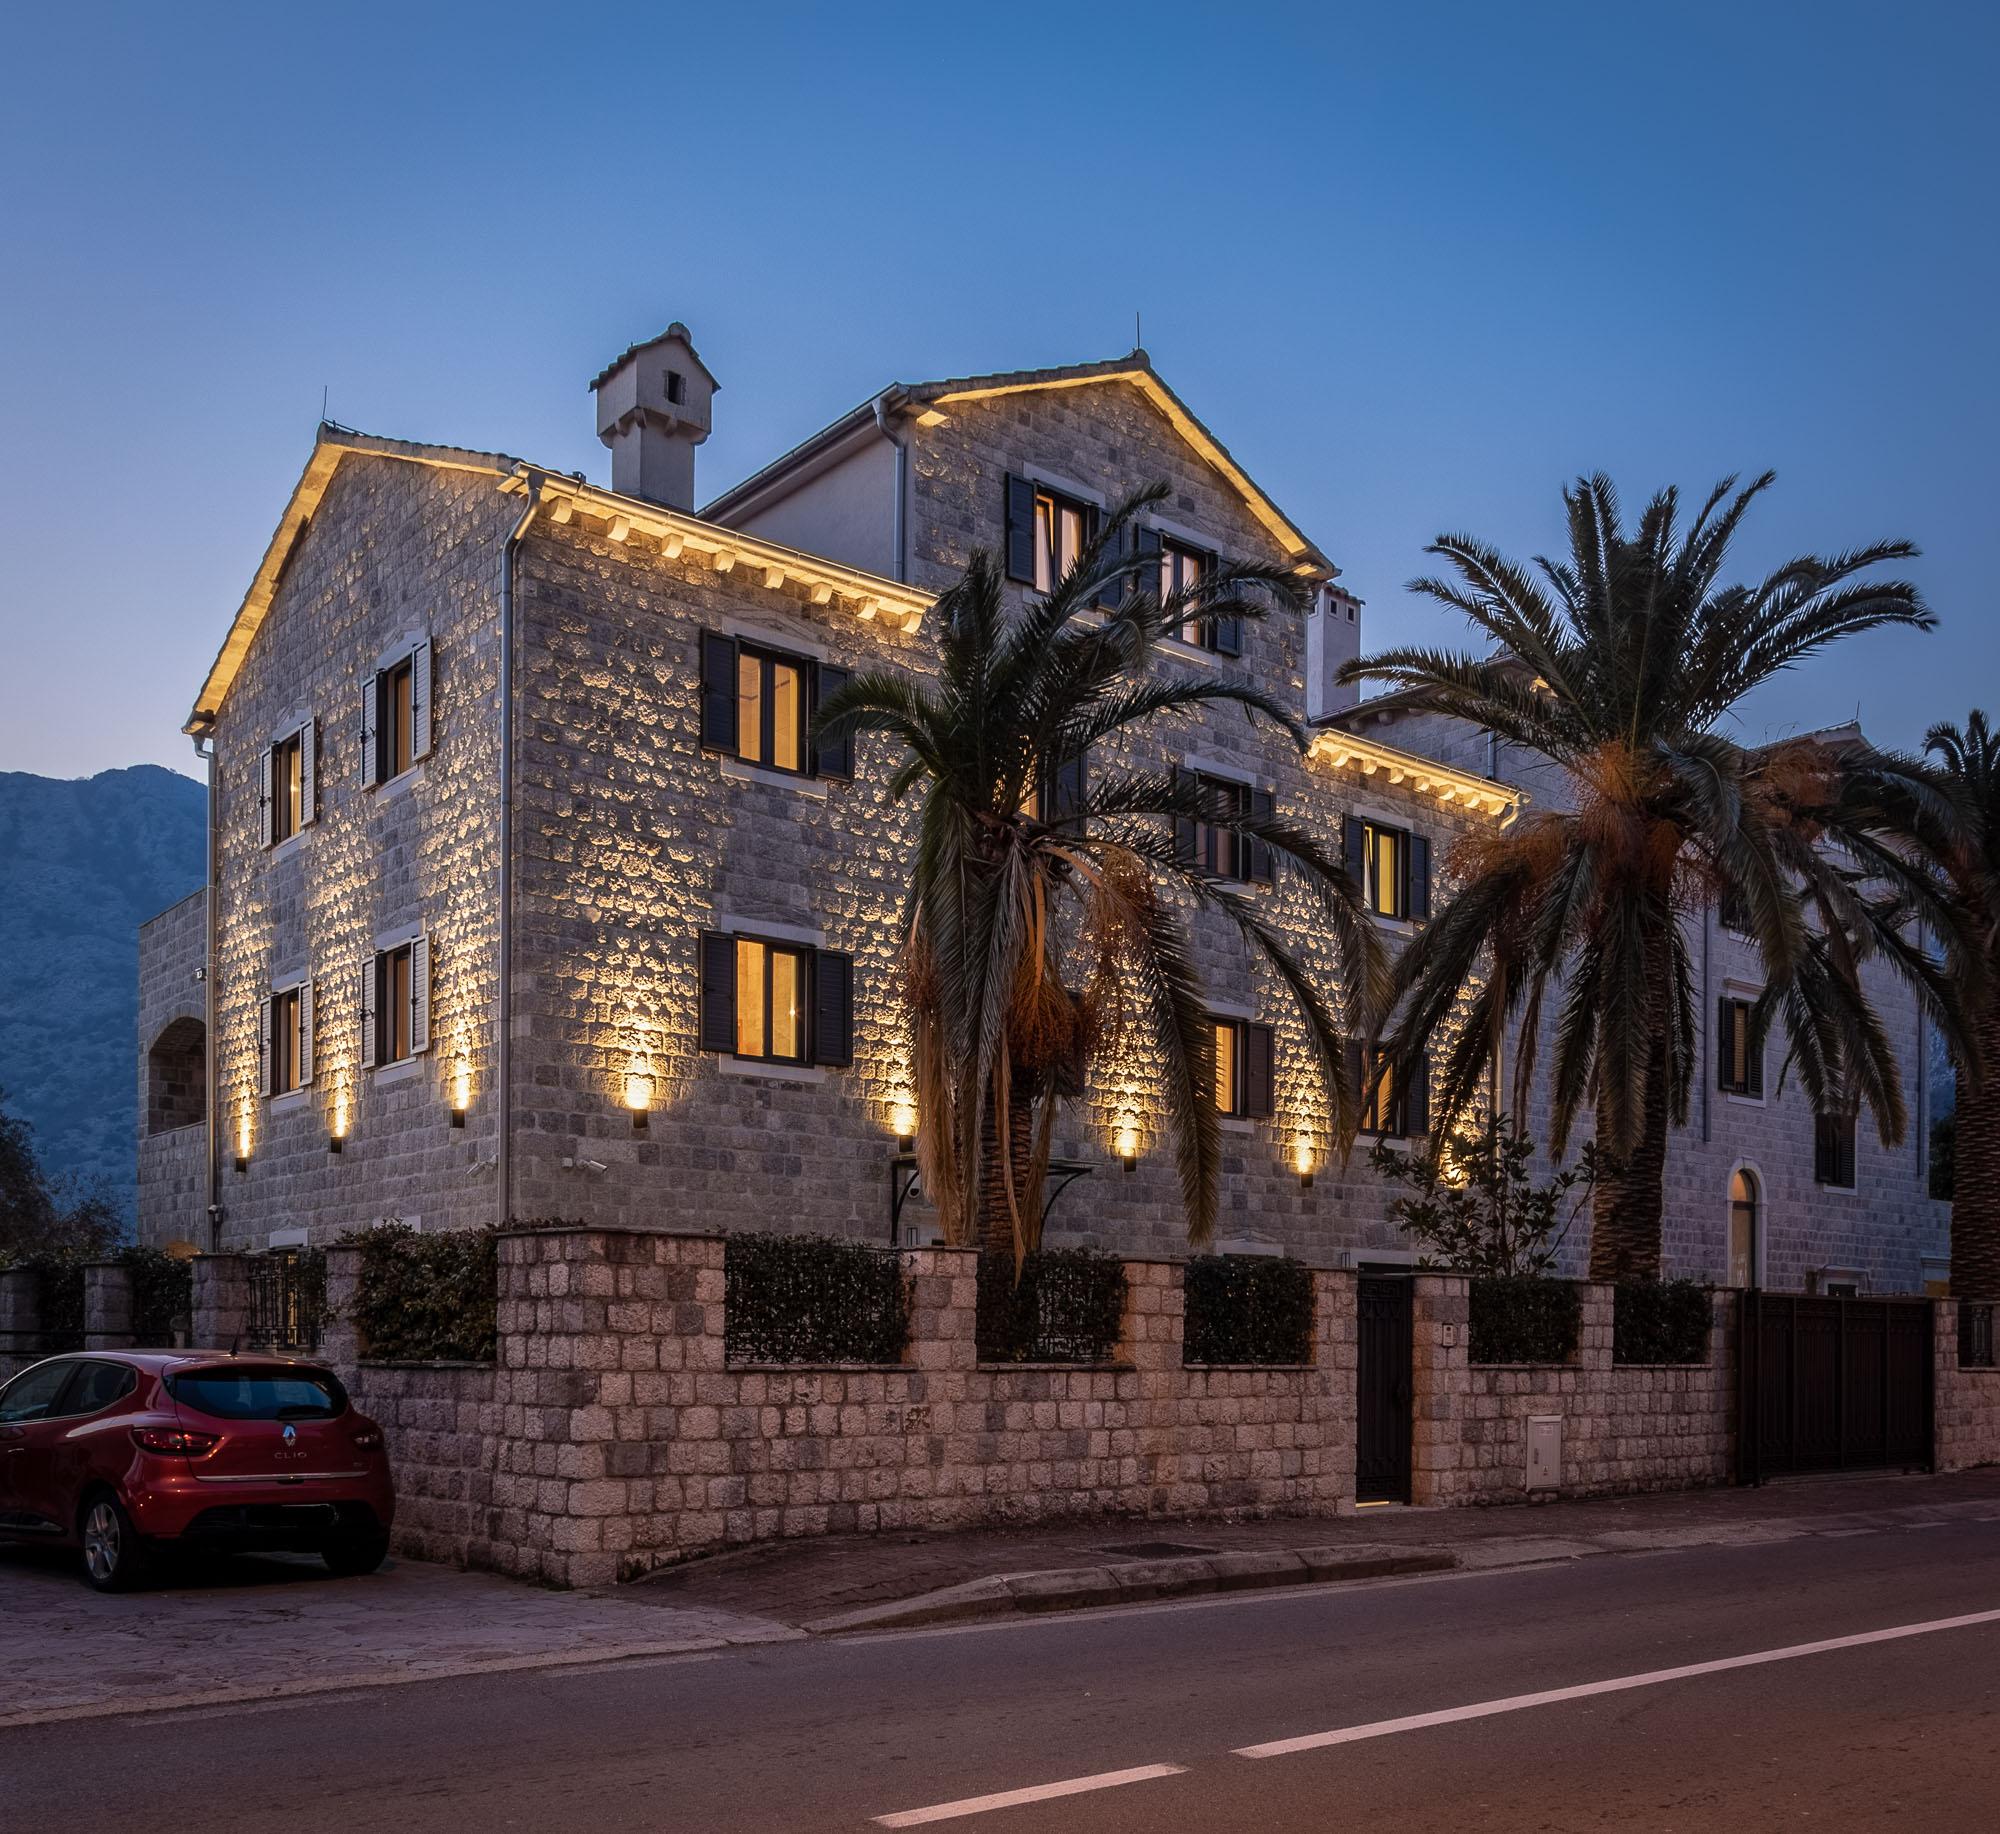 evening-shot-waterfront-villa-risan-Bay-Of-Kotor-Montenegro.JPG